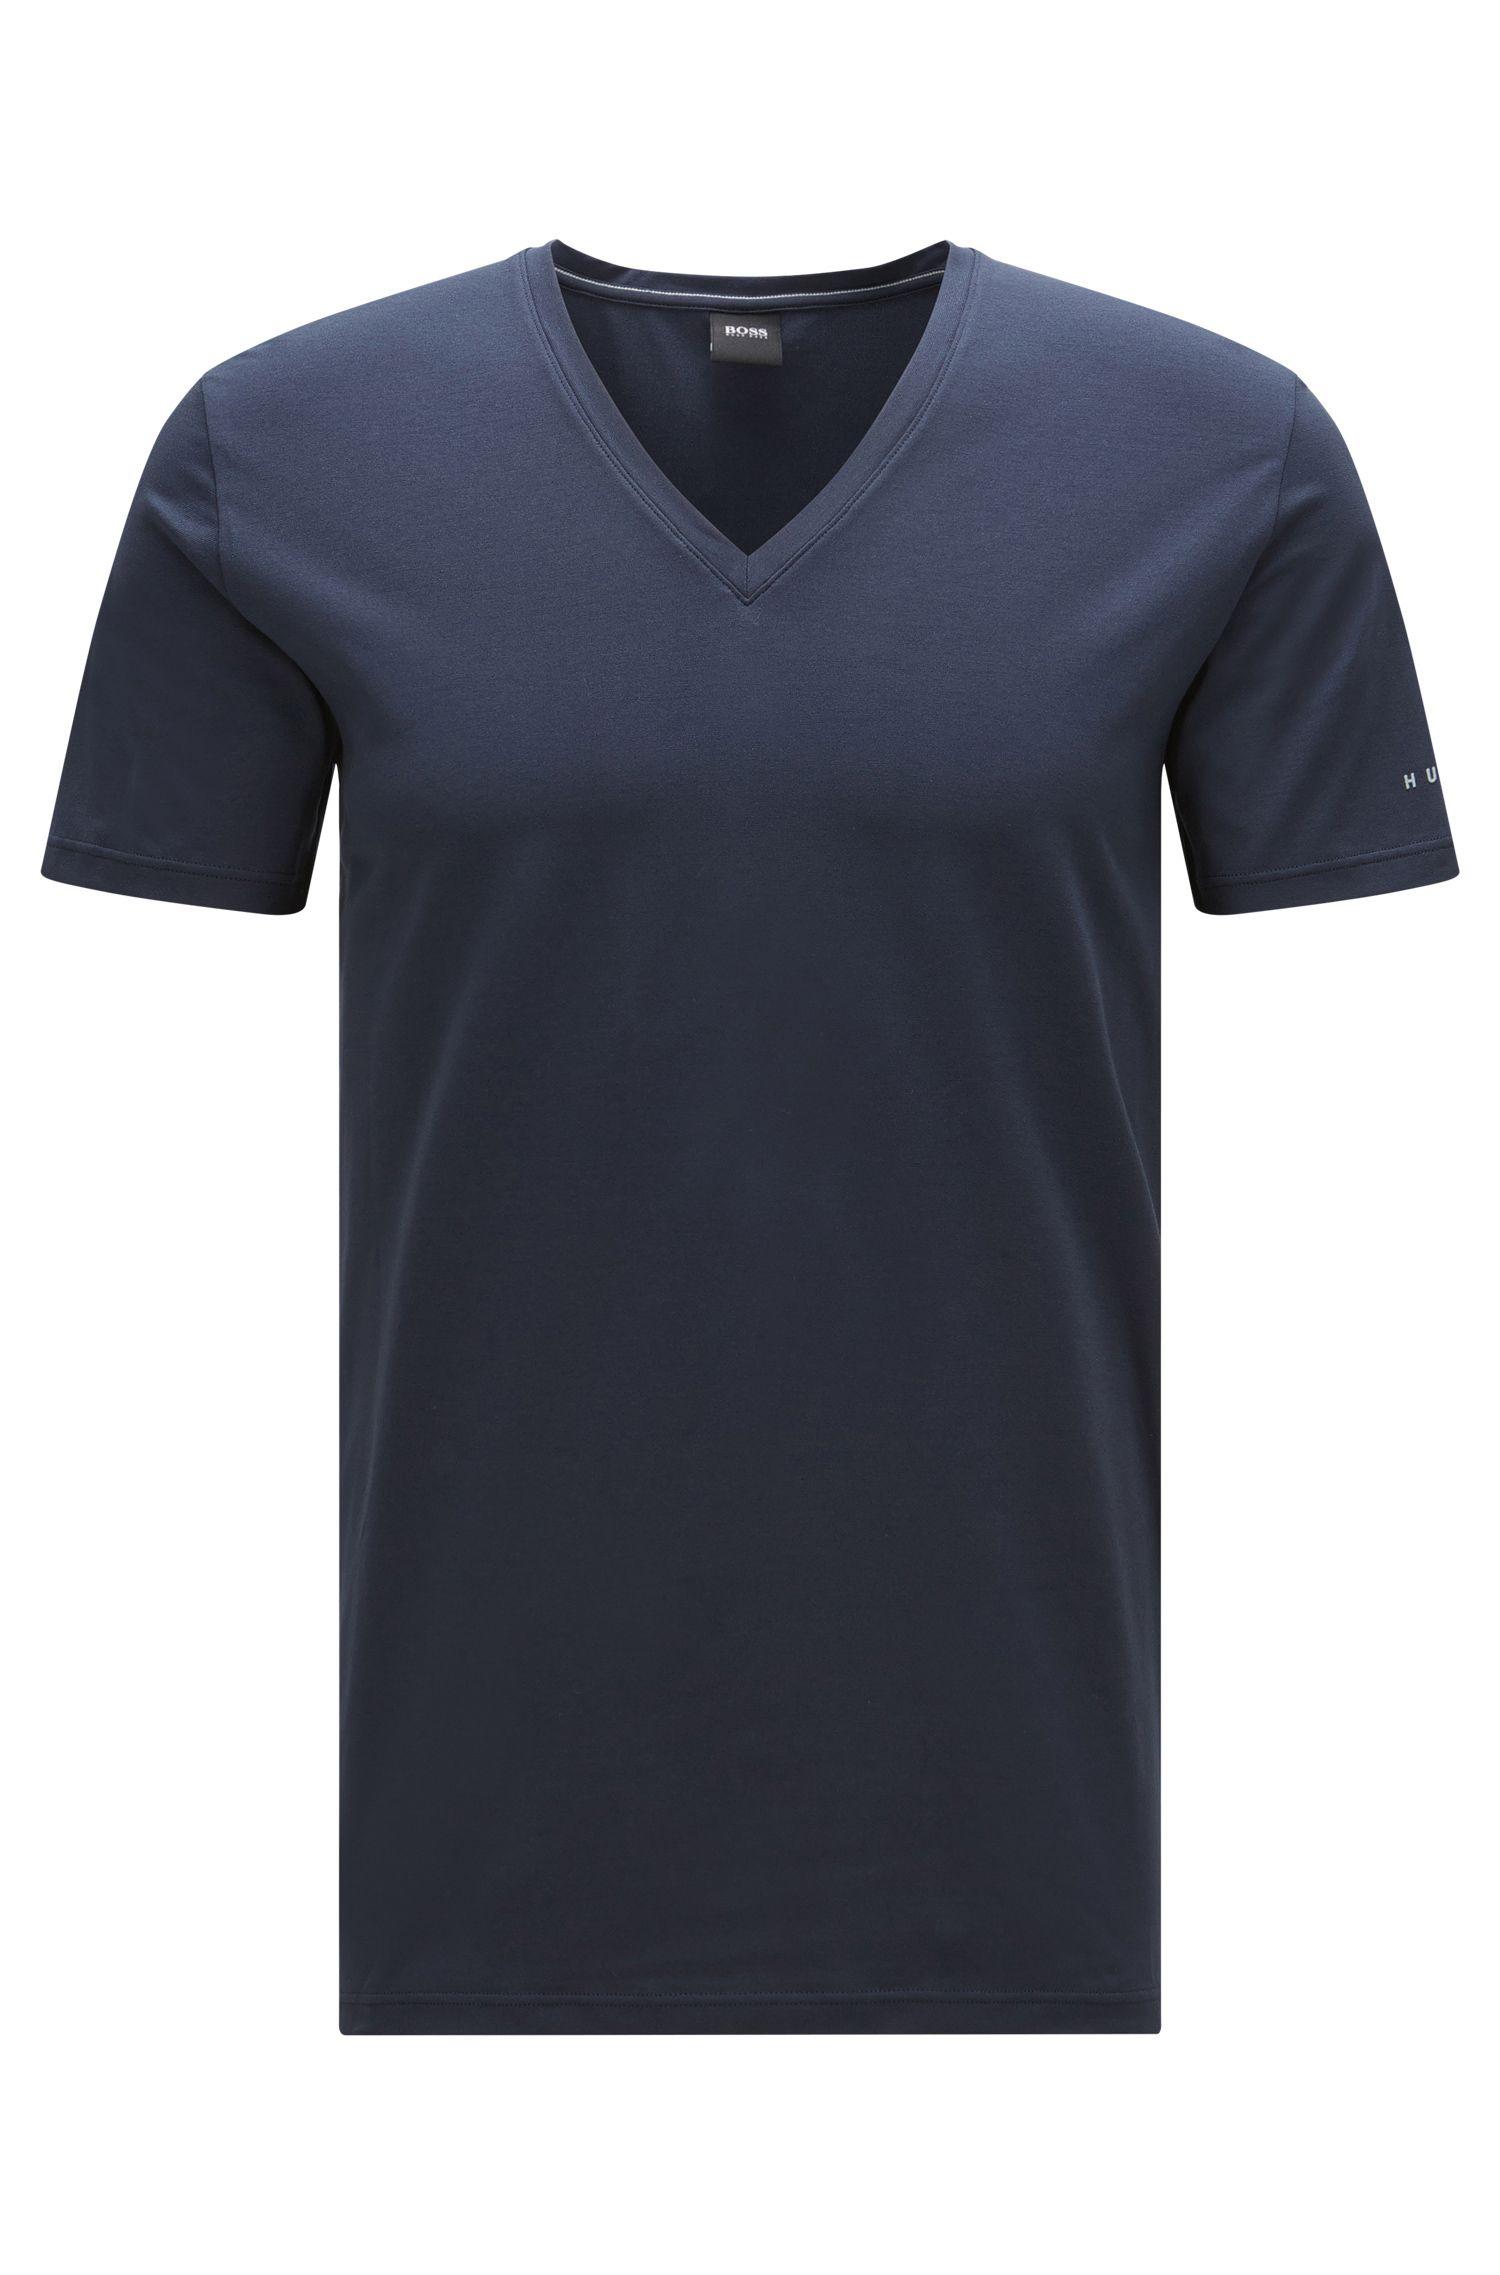 Travel Line T-Shirt aus elastischem, atmungsaktivem Baumwoll-Mix: 'T-Shirt VN Cotton+ '